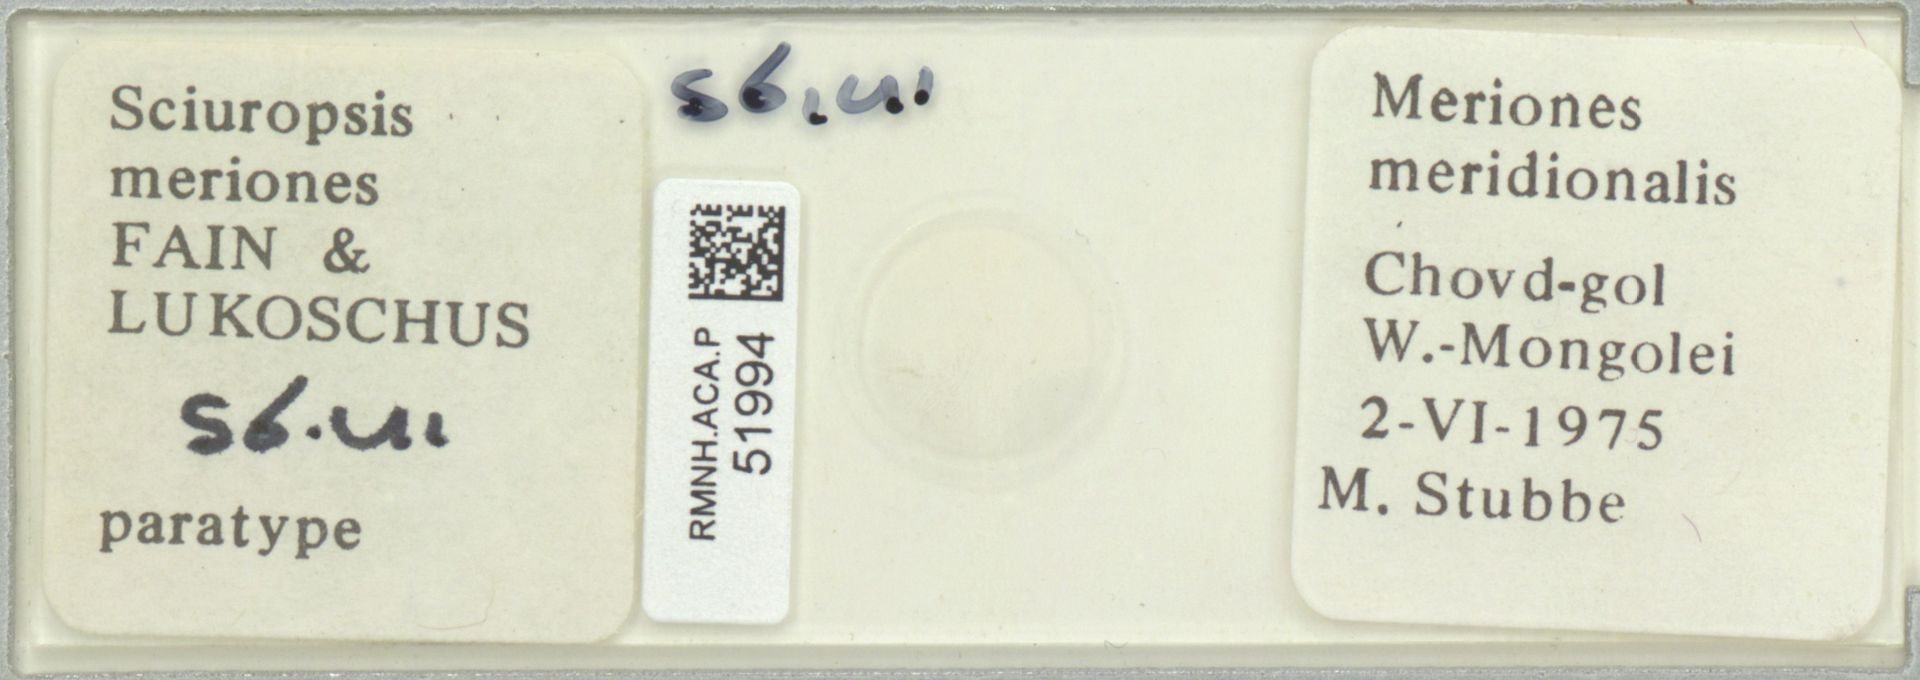 RMNH.ACA.P.51994   Sciuropsis meriones Fain & Lukoschus